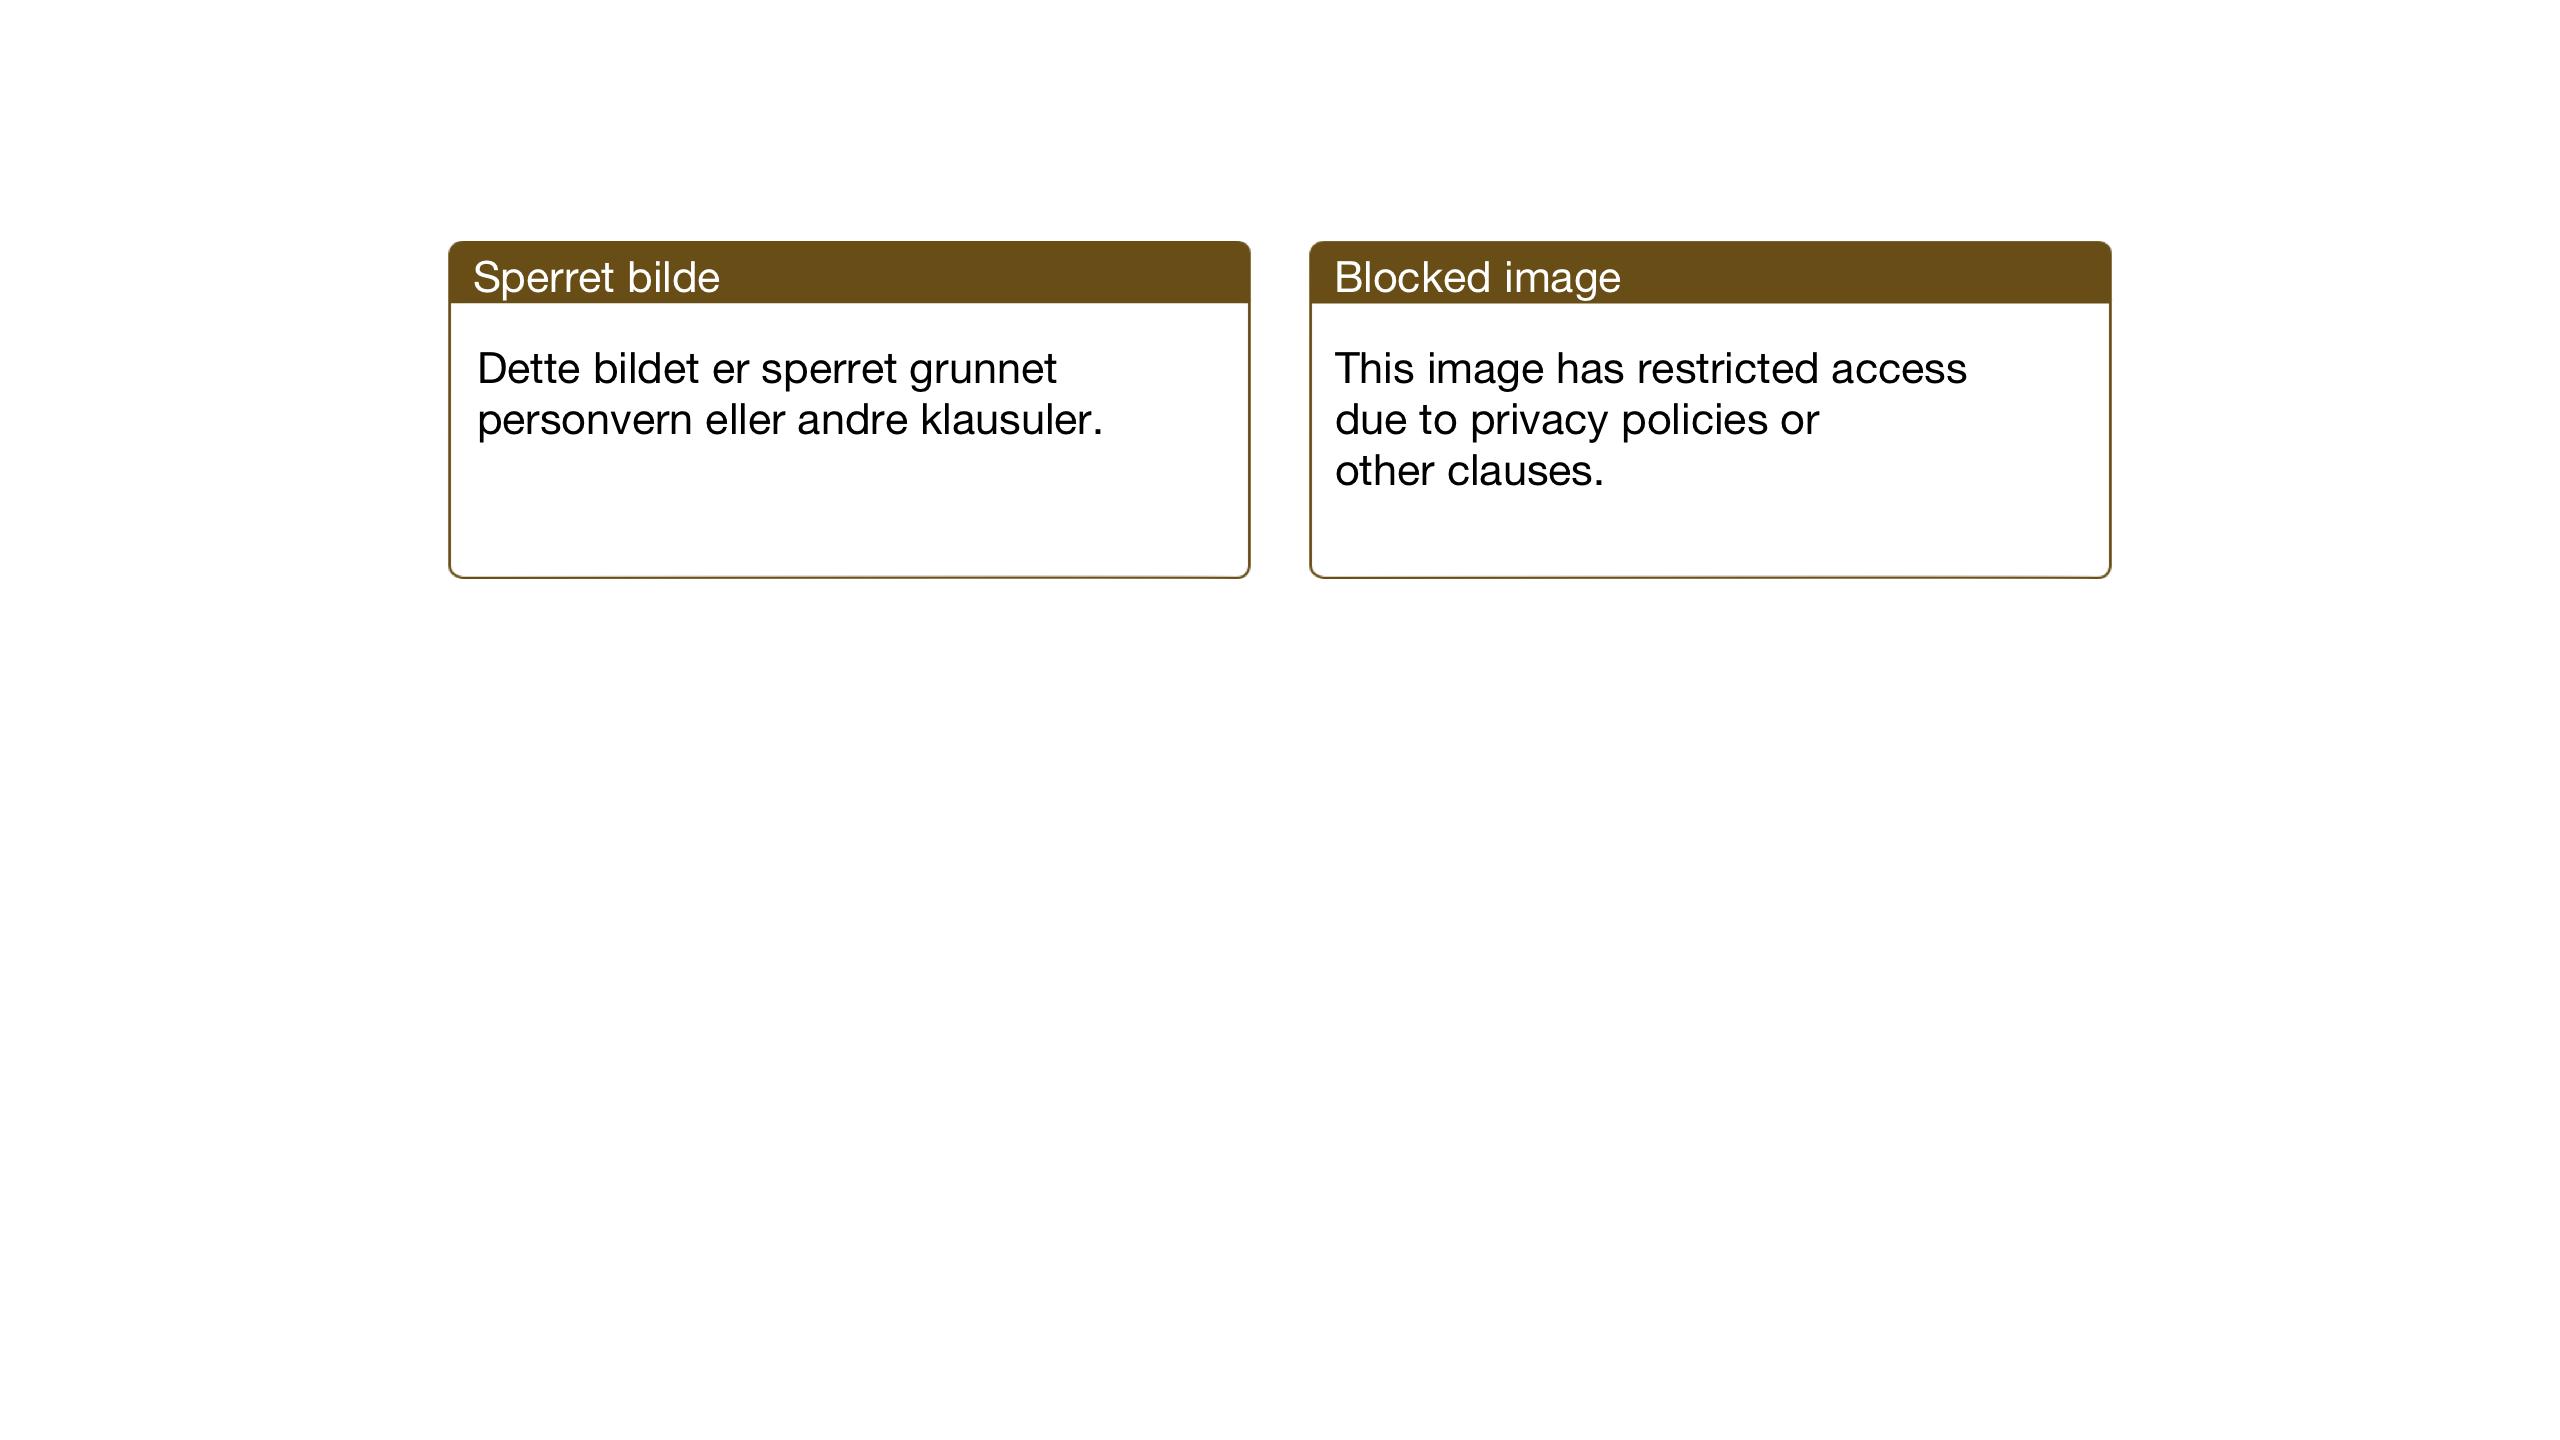 SAT, Ministerialprotokoller, klokkerbøker og fødselsregistre - Nord-Trøndelag, 720/L0193: Klokkerbok nr. 720C02, 1918-1941, s. 50